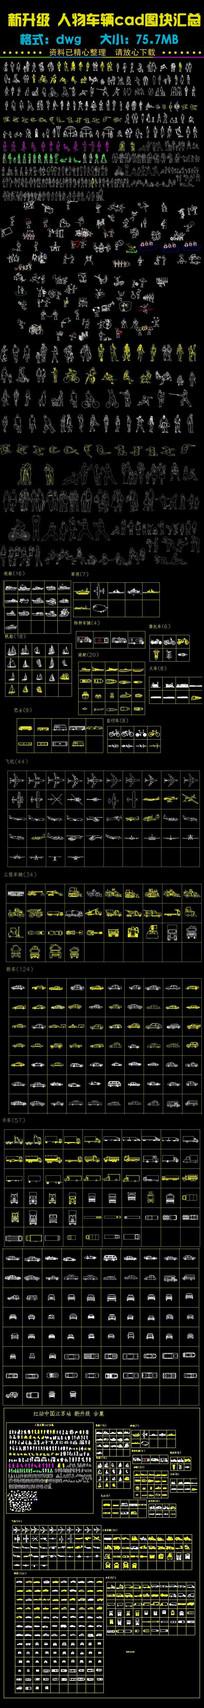 人物交通工具车辆CAD汇总